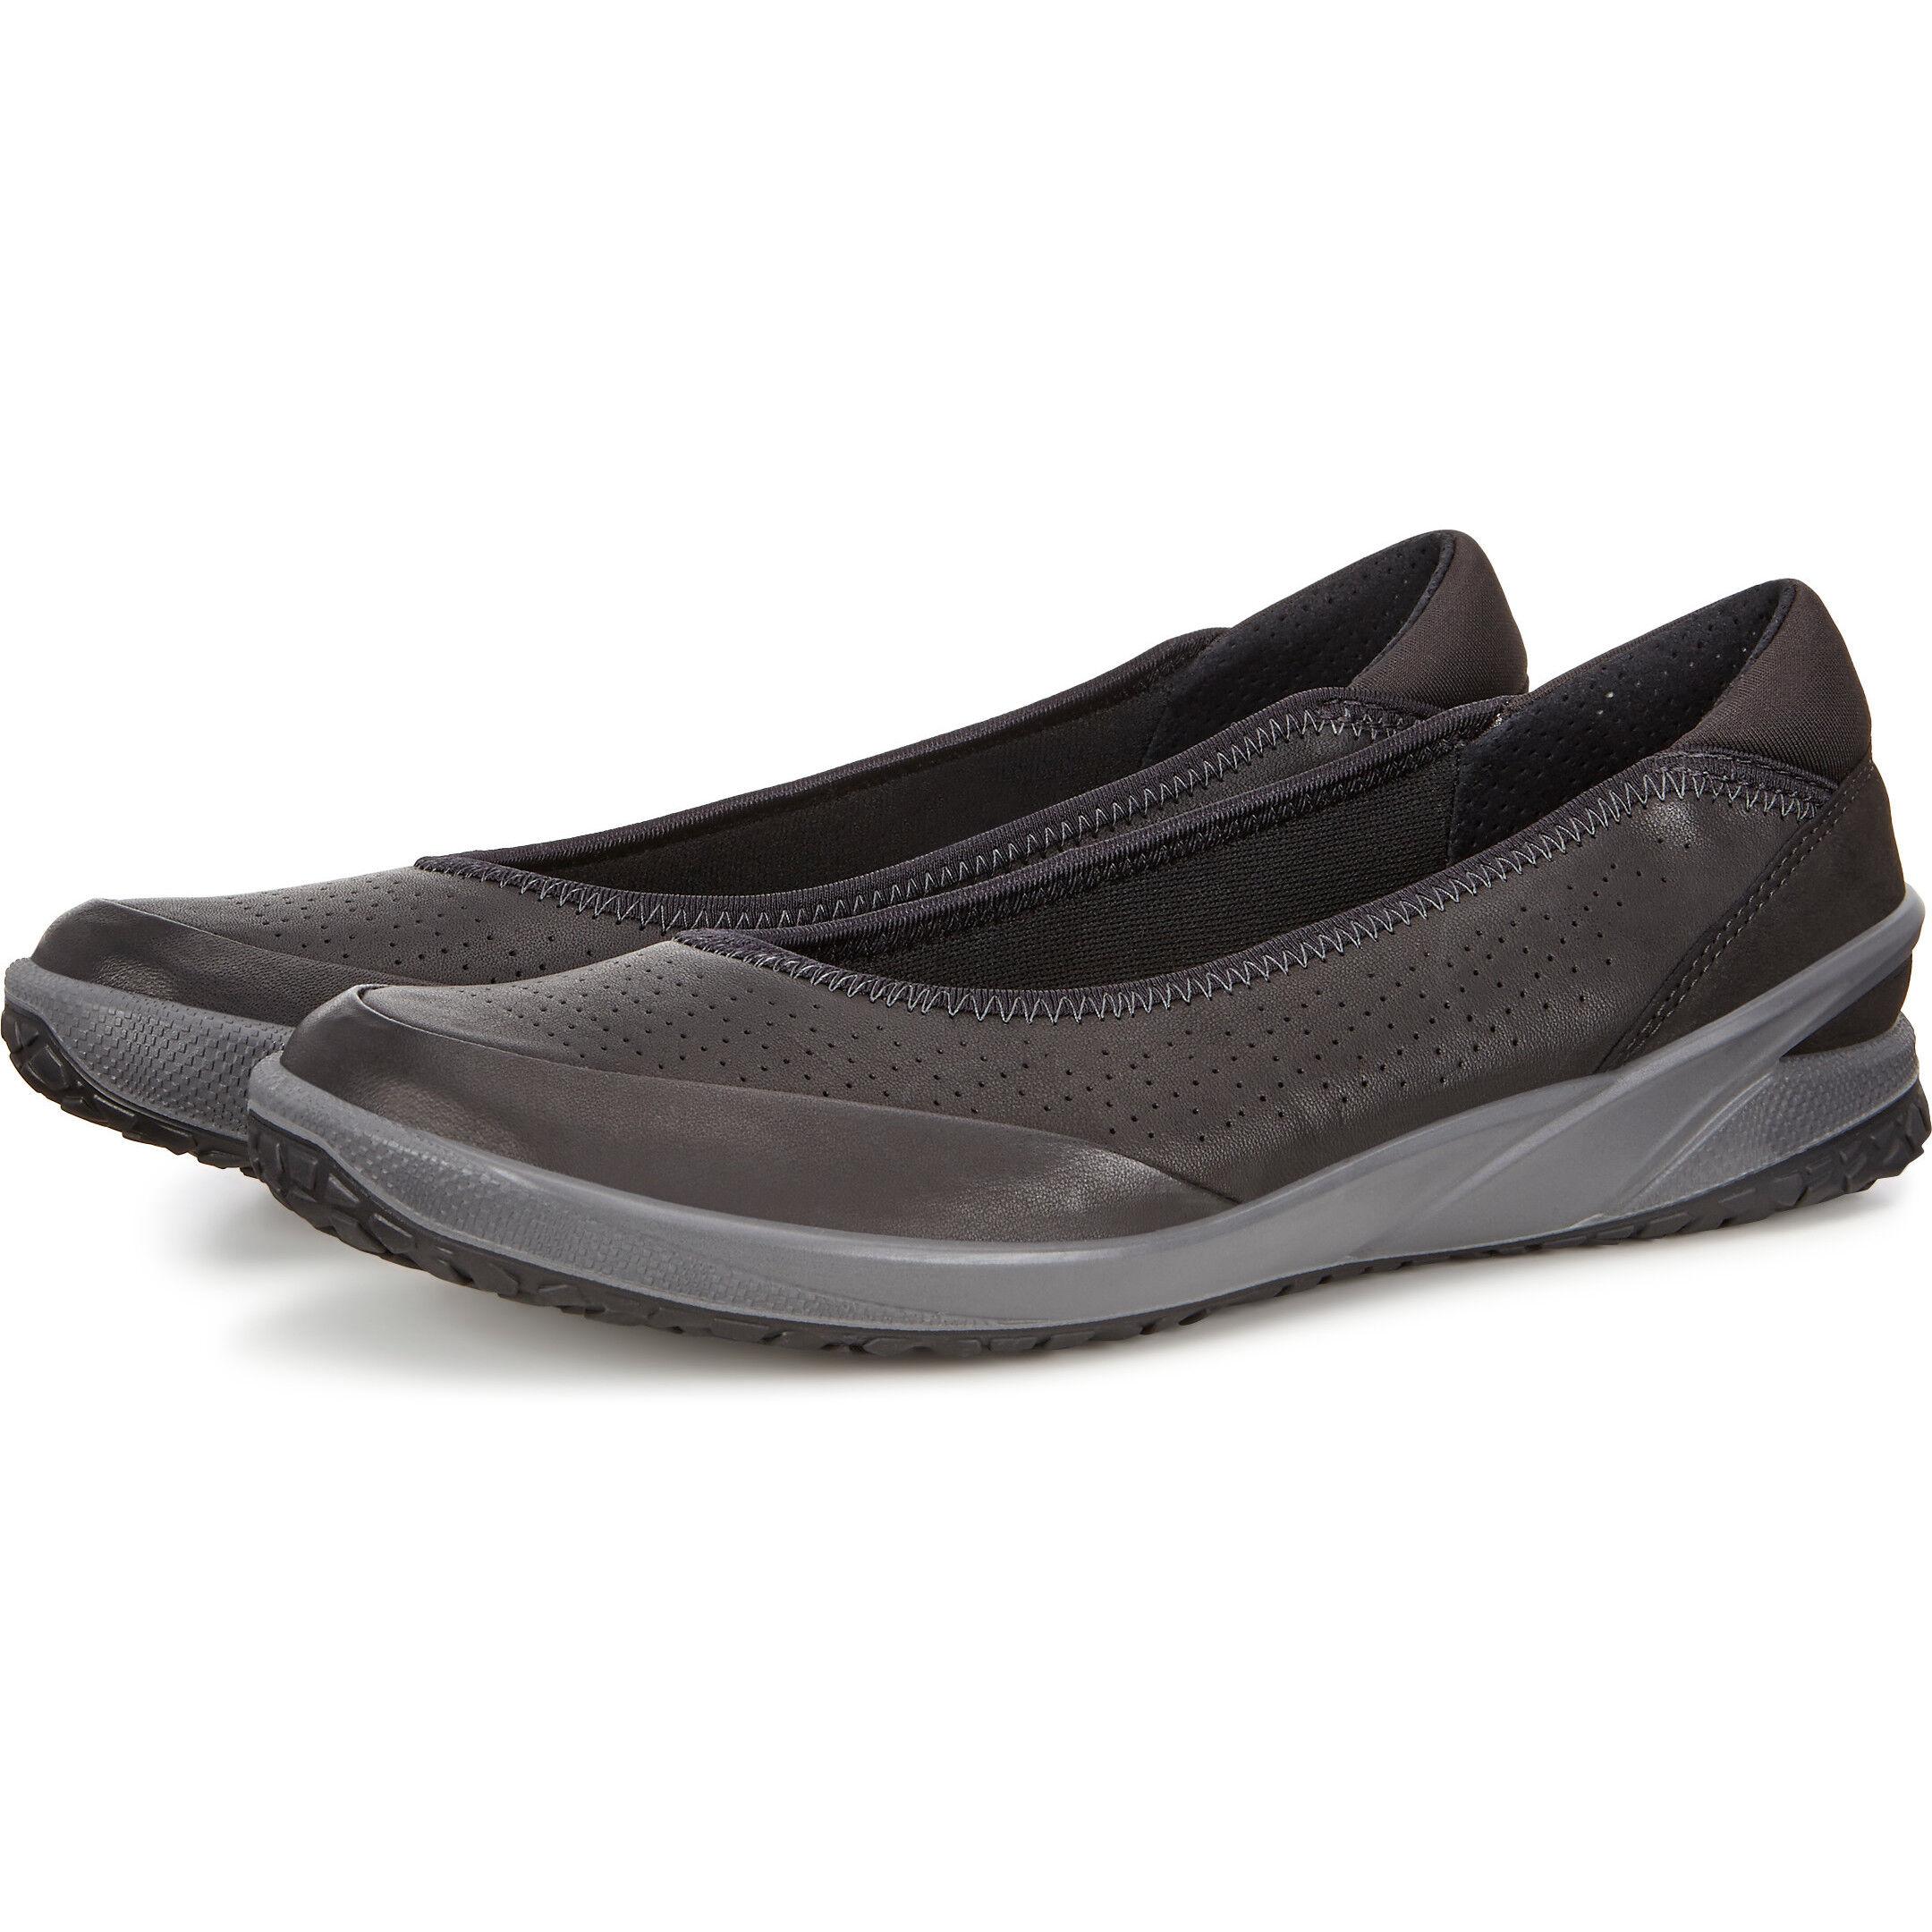 ECCO Biom Life Sandals Damen black